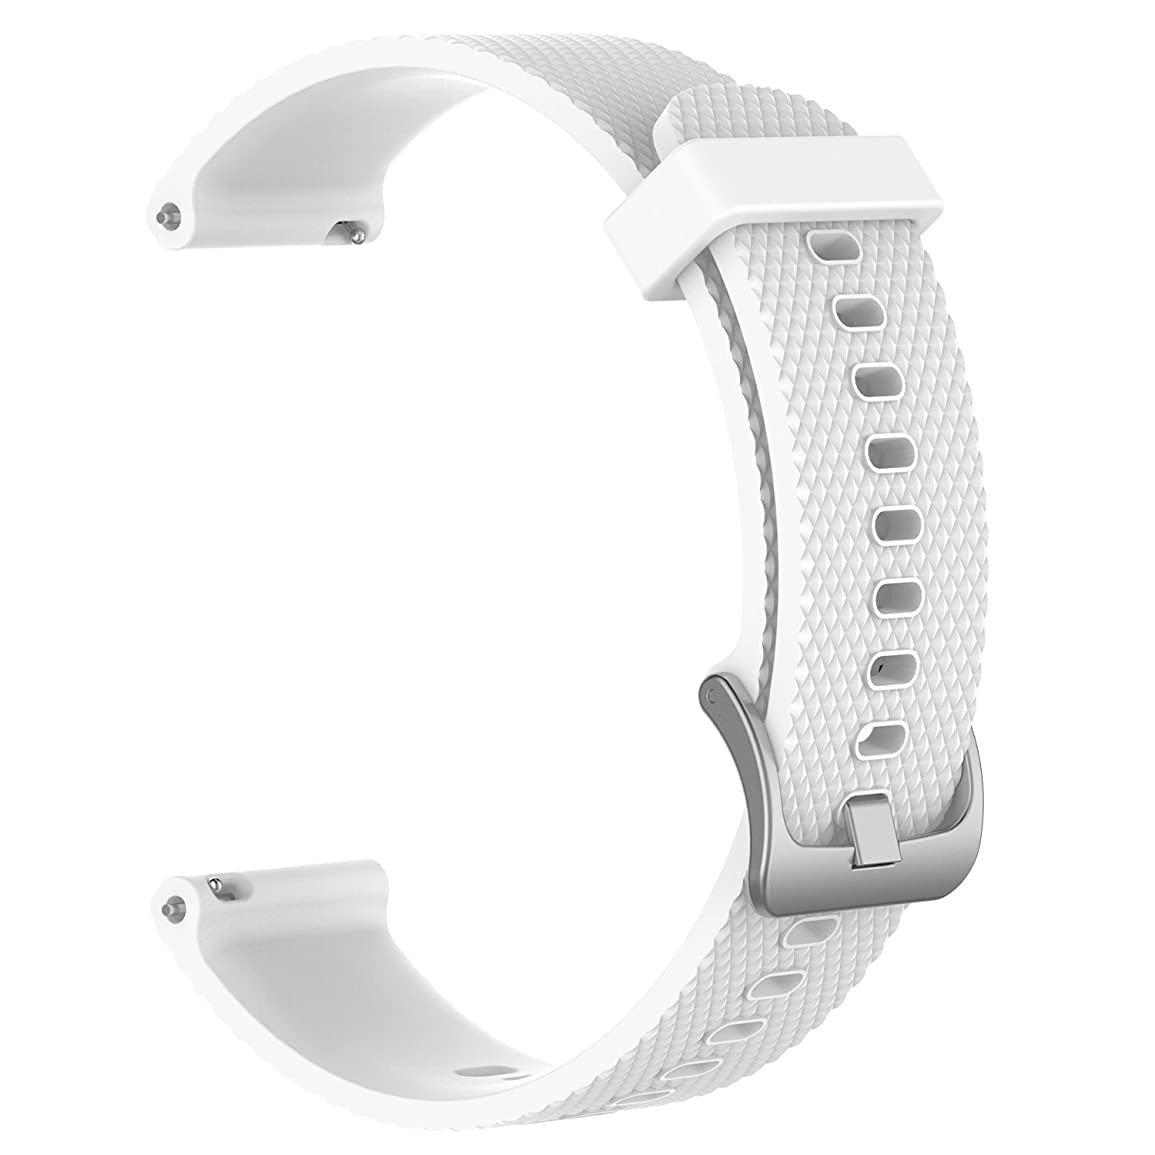 従う経営者百年MotivaJP TicWatch C2 ローズゴールド 18mm スマートウォッチバンド シリコン 腕時計ストラップ 交換ベルト (ホワイト)